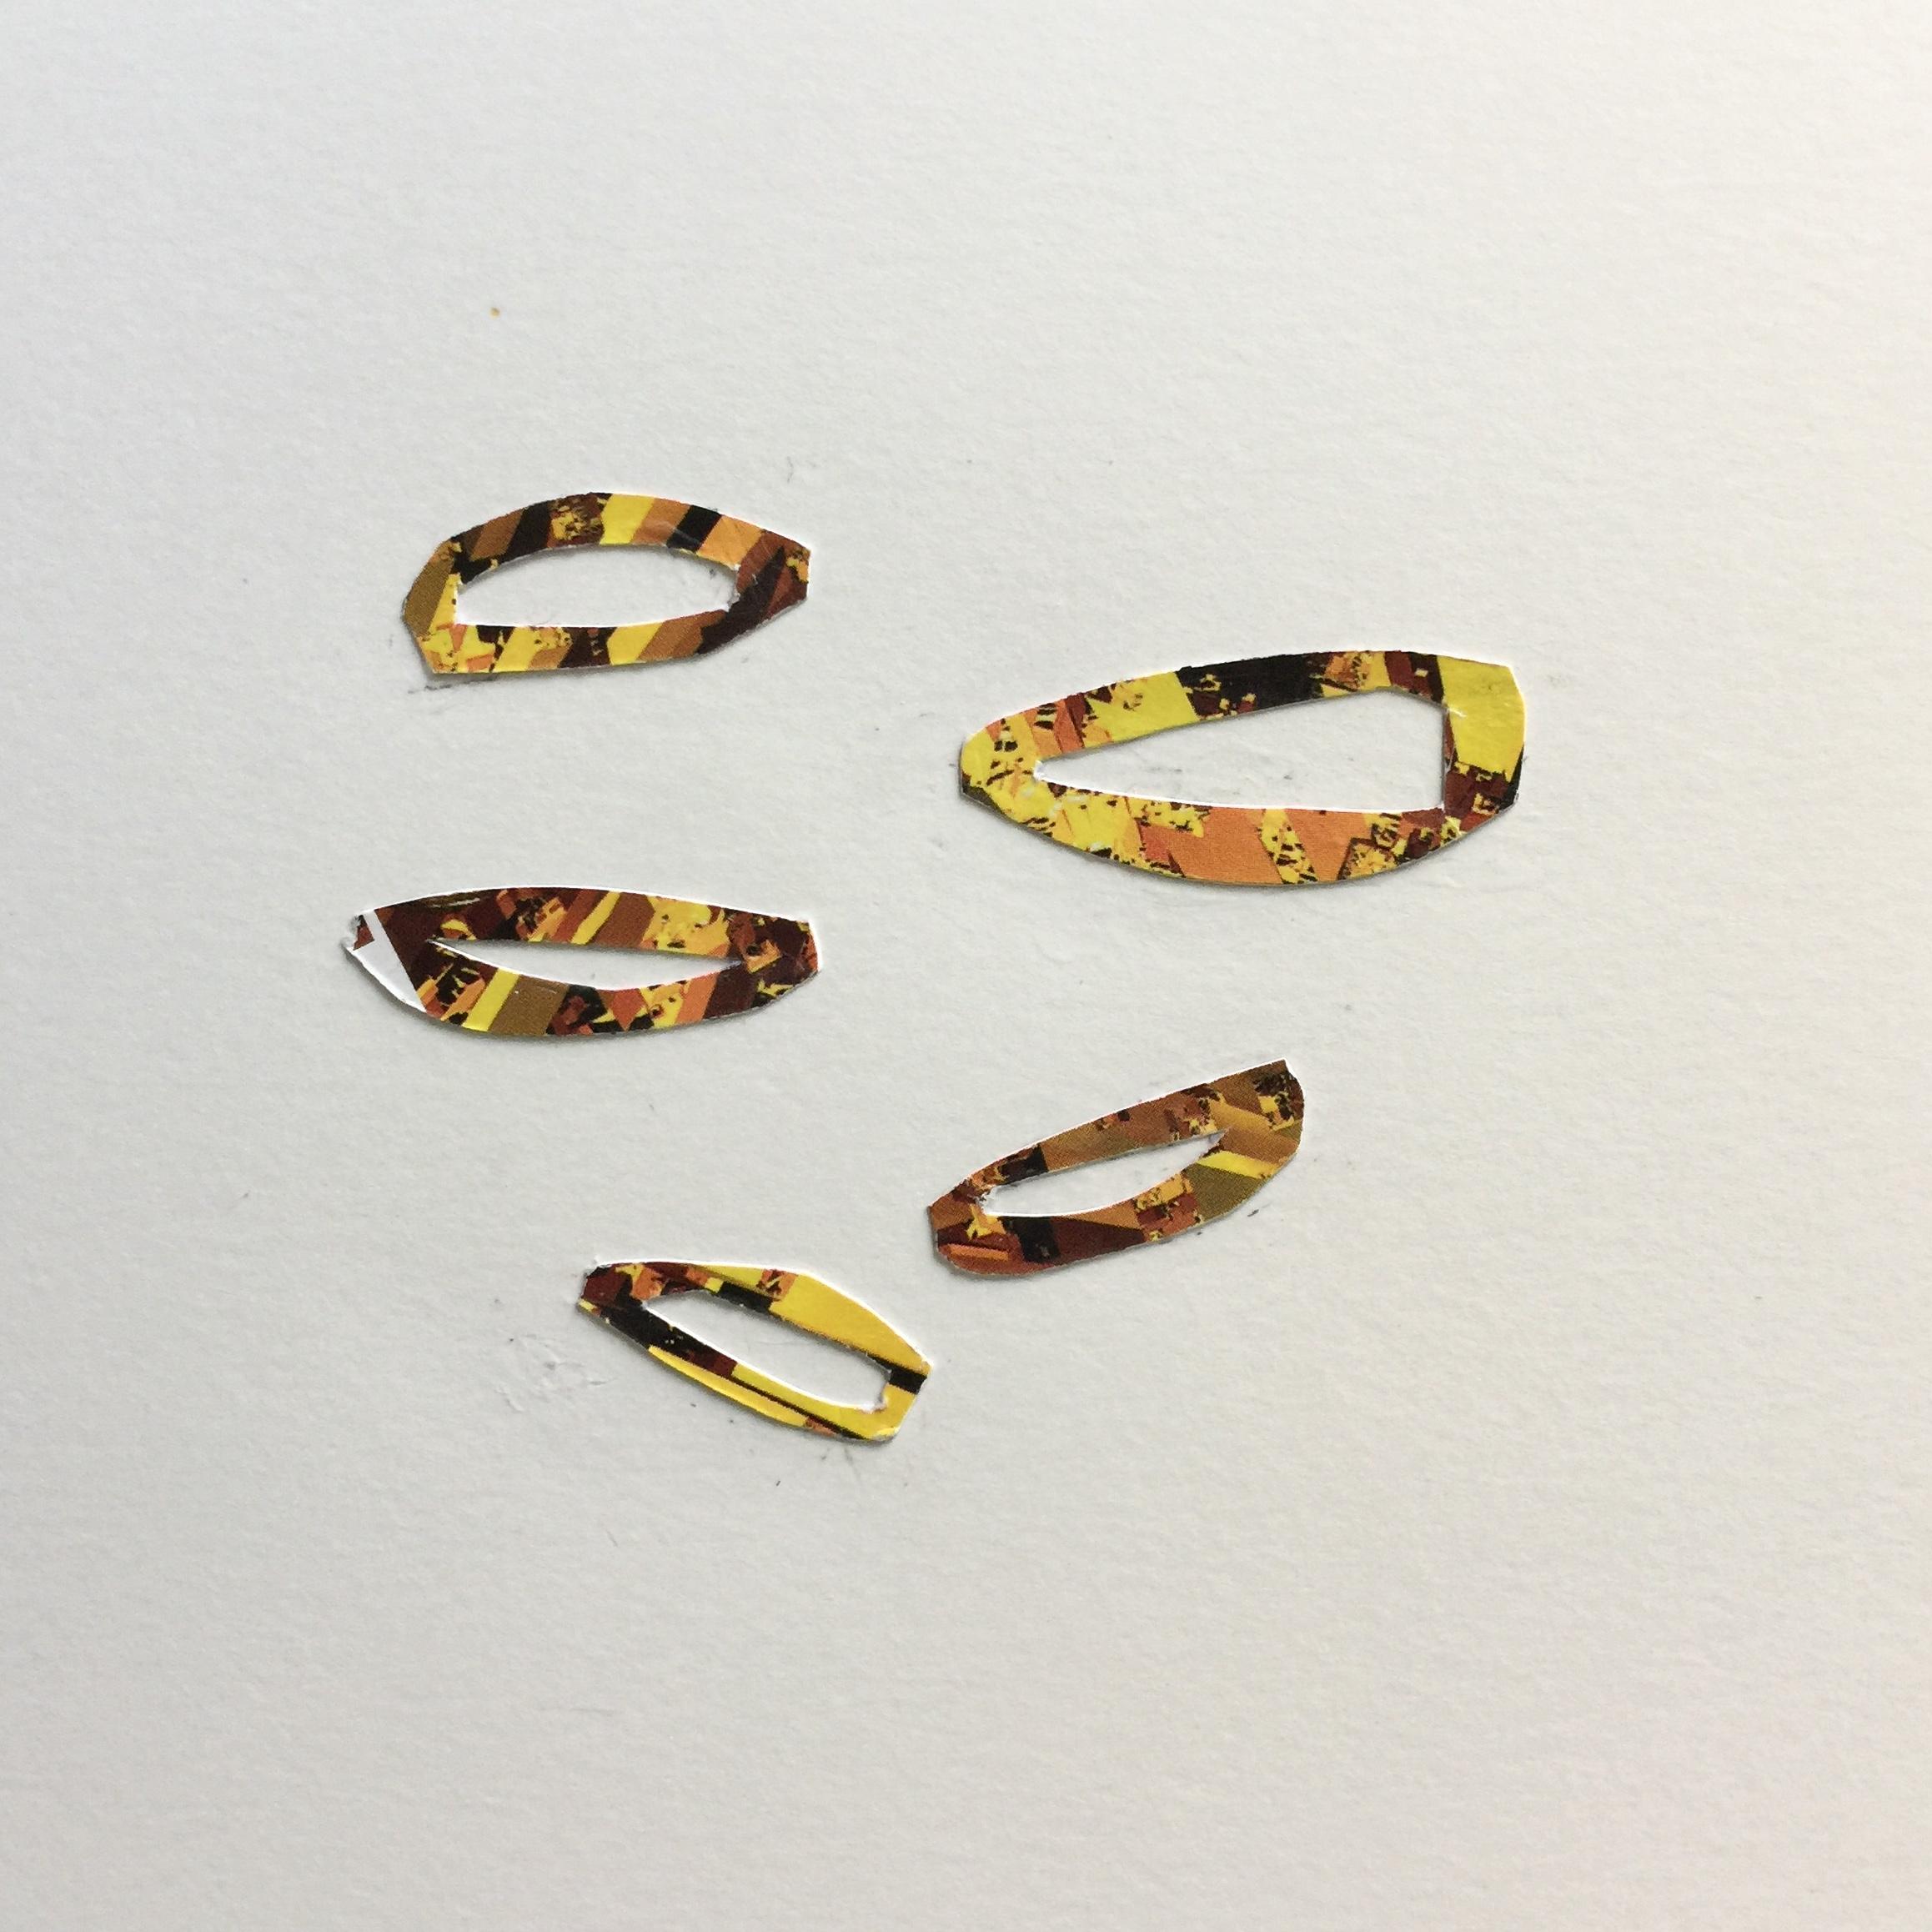 Five Golden Rings